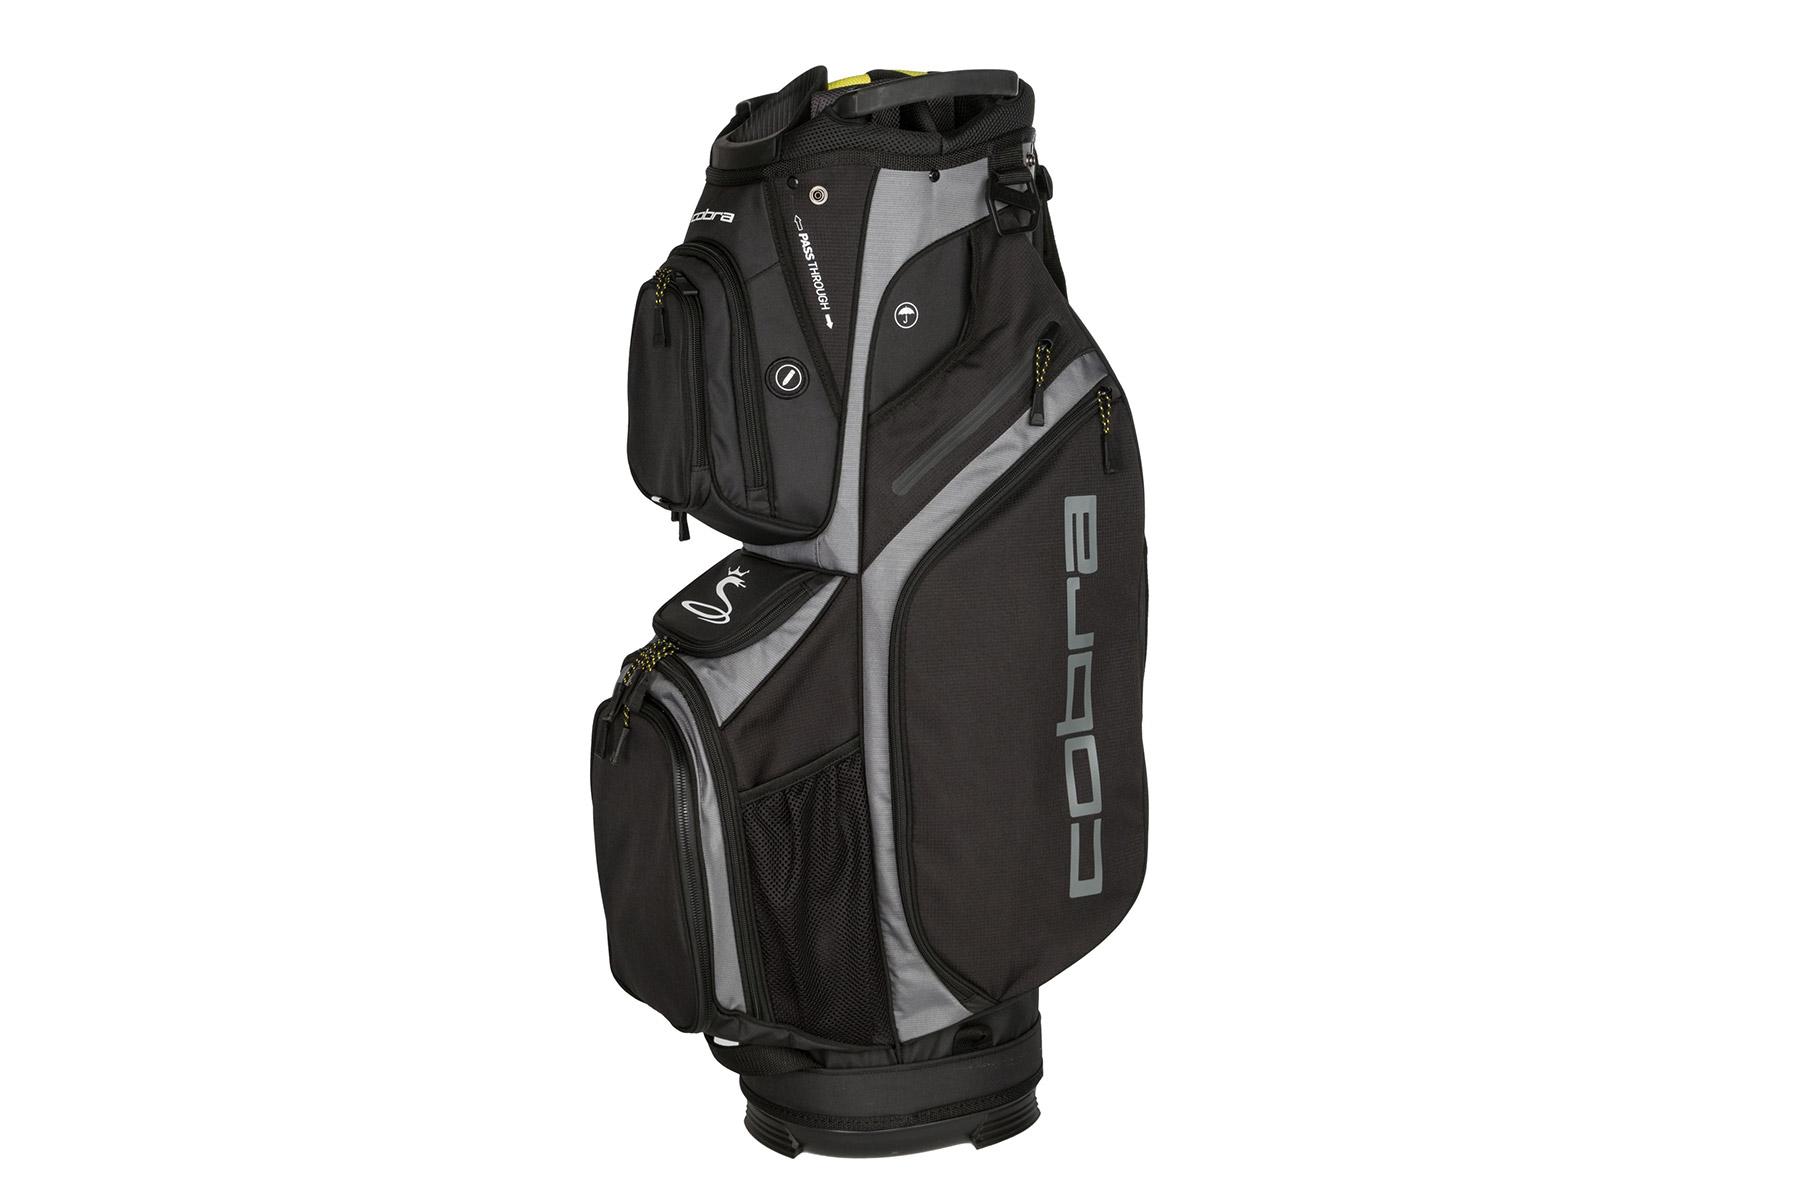 Cobra Golf Ultralight Cart Bag From American Golf